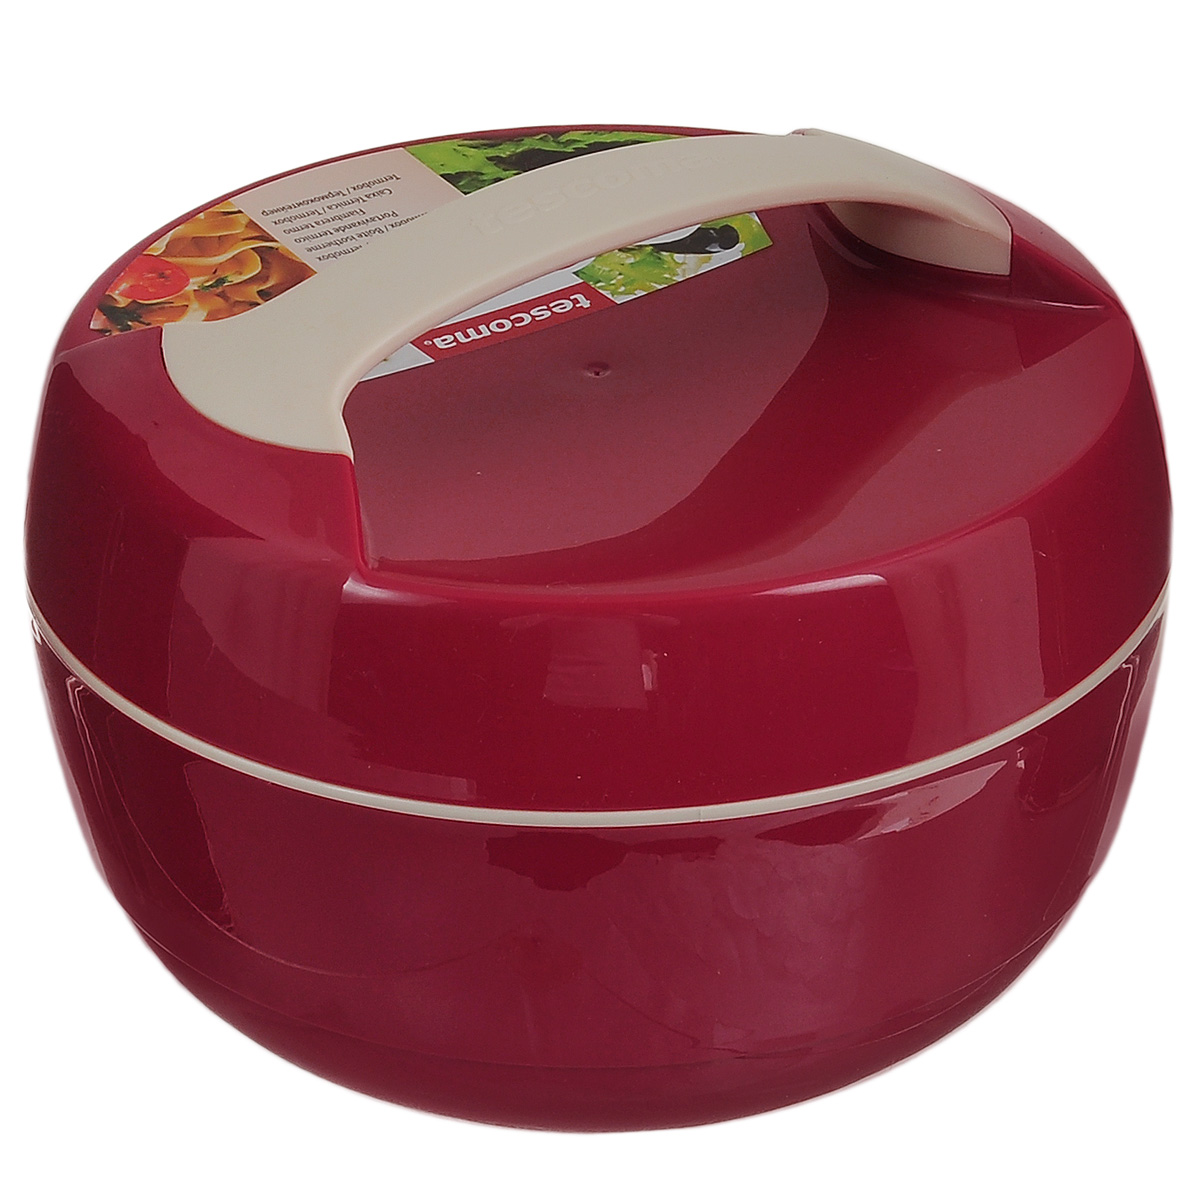 """Термоконтейнер Tescoma """"Family"""" изготовлен из высококачественного пищевого пластика. Прекрасно подходит для длительного хранения и переноски теплой и холодной пищи. Двойные стенки контейнера с высокоэффективным теплоизоляционным заполнением сохраняют пищу теплой или холодной в течение нескольких часов. При обычном использовании контейнер не бьющийся.  Крышка плотно и удобно закручивается. Для комфортной переноски предусмотрена ручка.  Контейнер нельзя мыть в посудомоечной машине.  Объем контейнера: 1,5 л.  Диаметр контейнера: 22 см.  Высота контейнера: 12,5 см."""